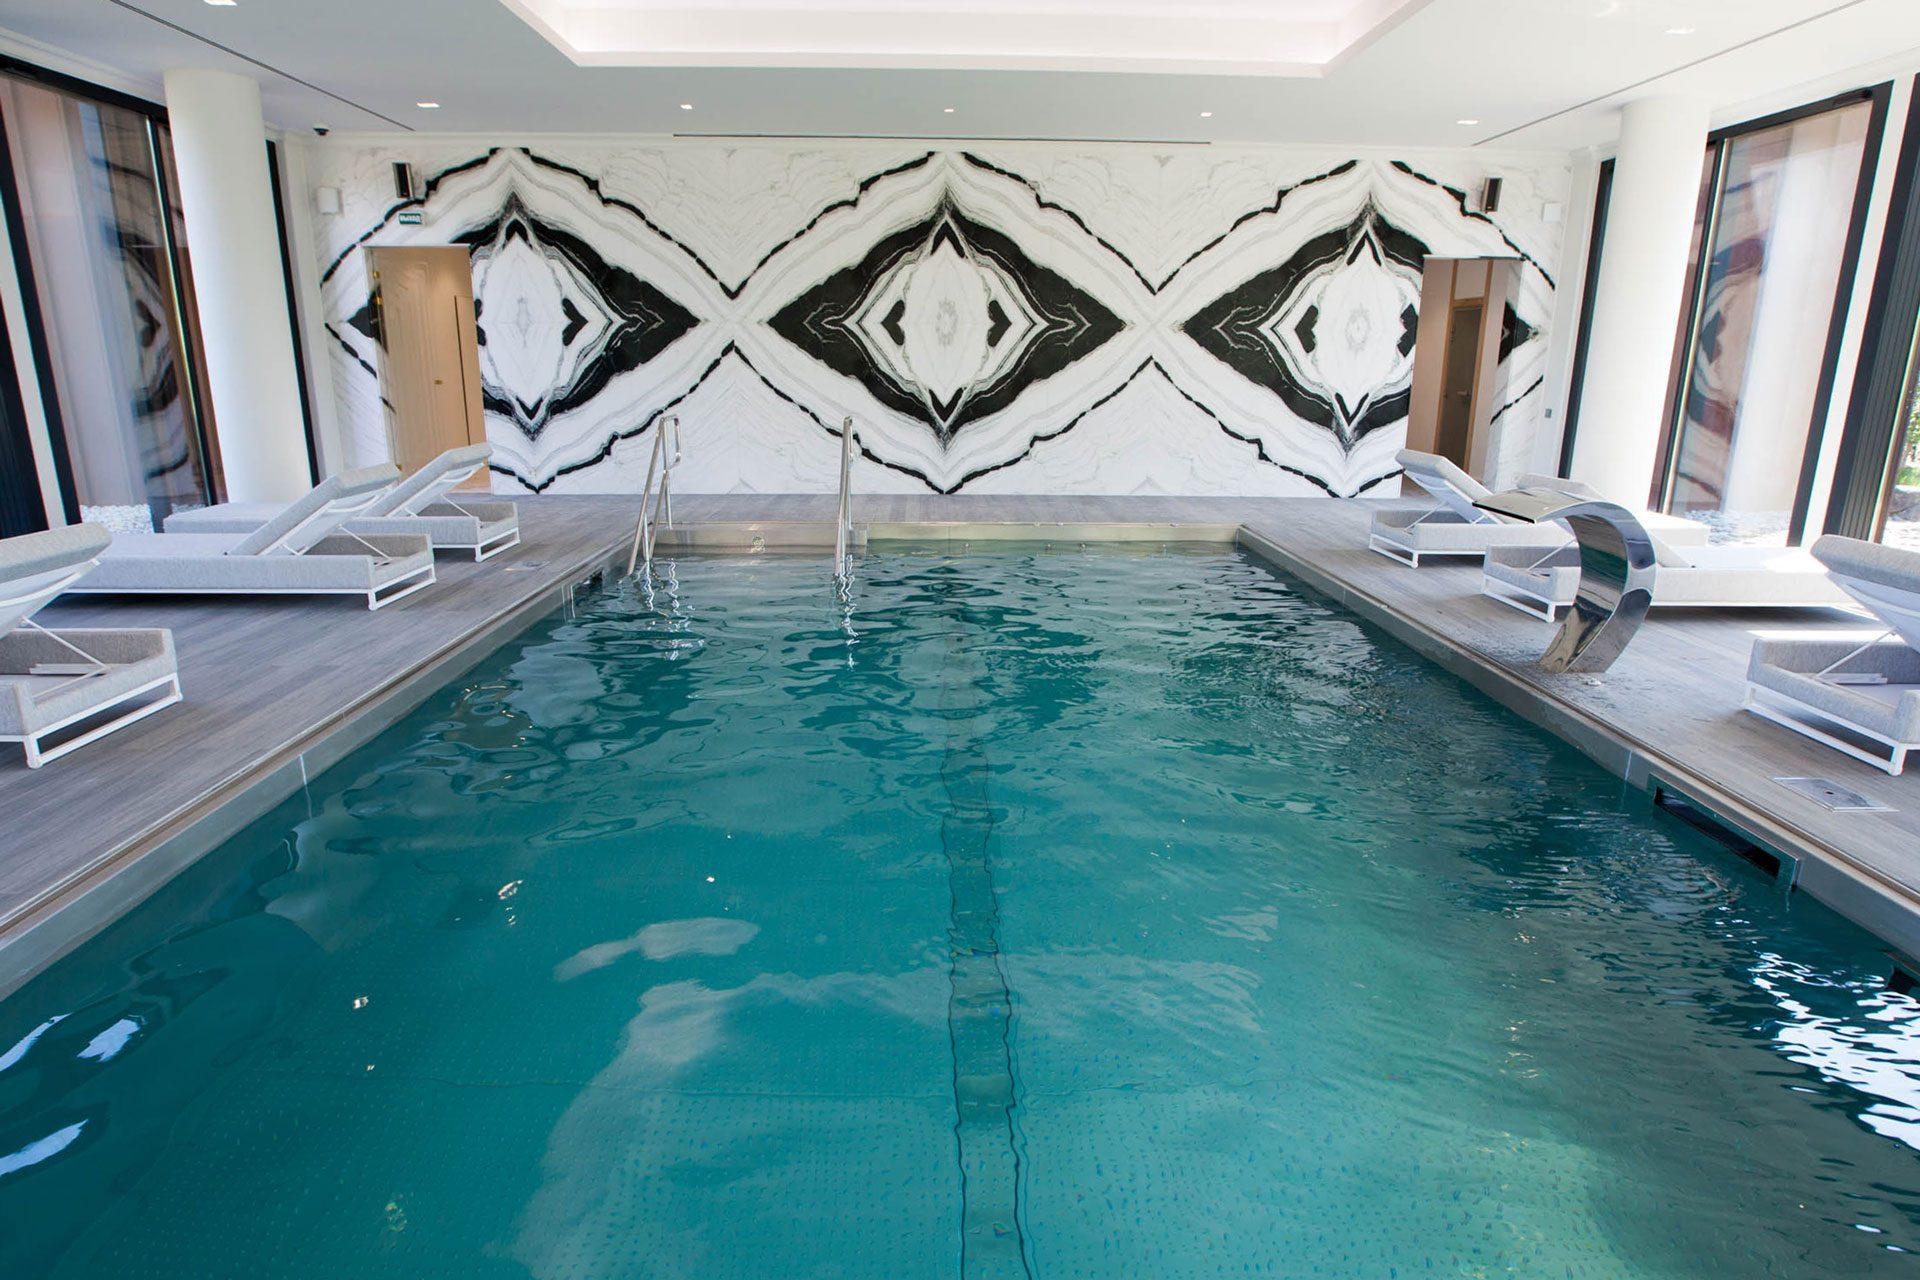 MRIYA Resort & SPA - Бассейн из нержавеющей стали в отеле Крыма Allpools